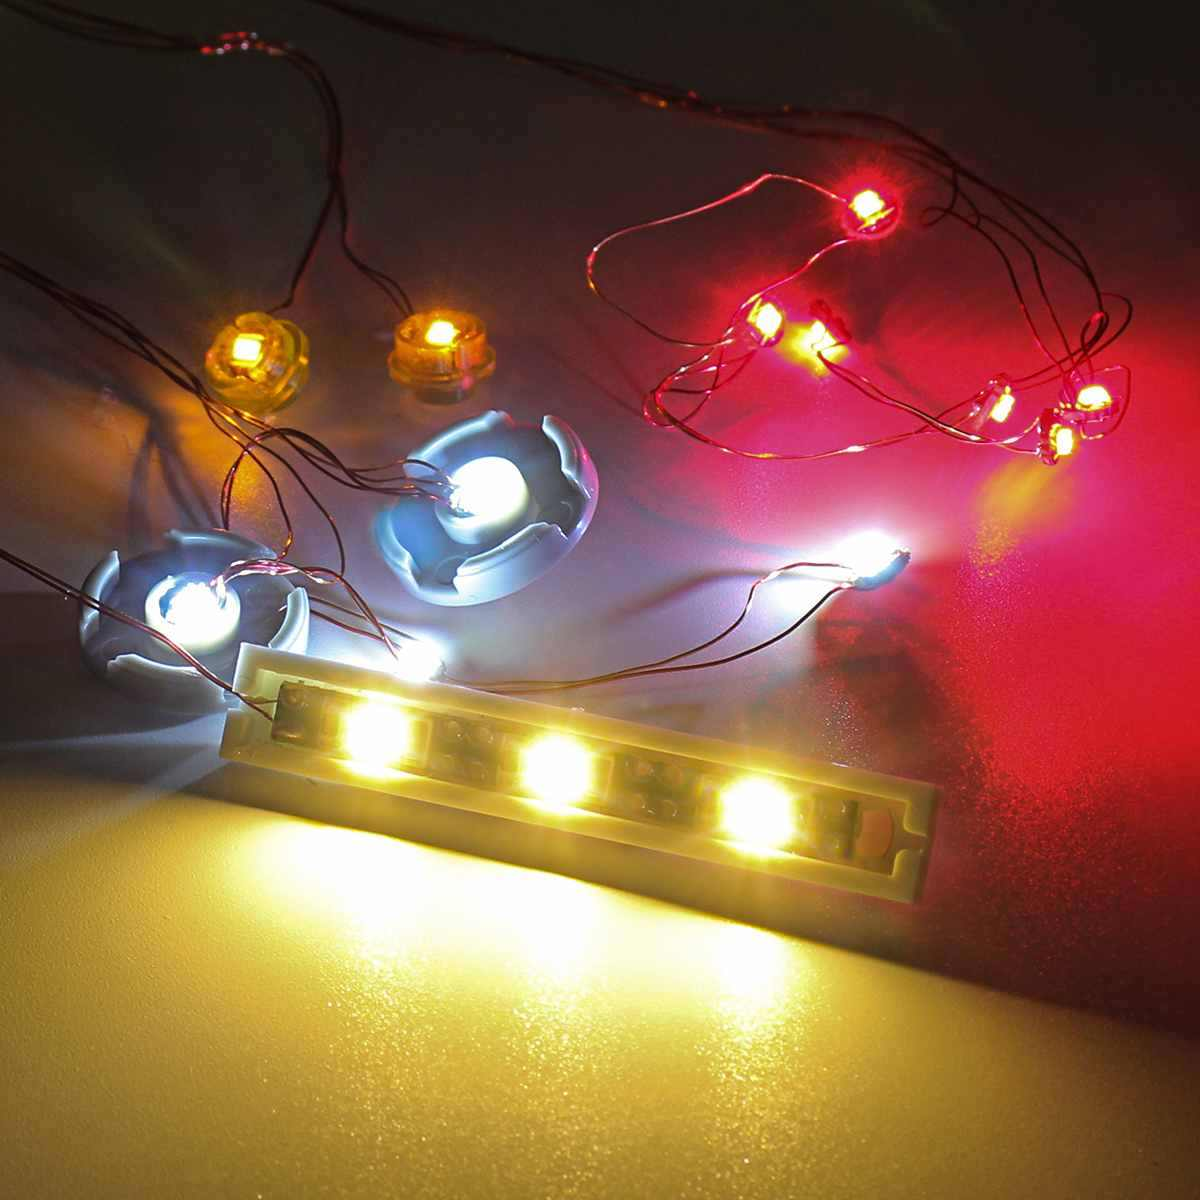 USB zestaw oświetlenia LED do LEGO 10265 dla forda dla Mustang modelu zabawki cegły bloki USB LED zestaw oświetlenia tylko